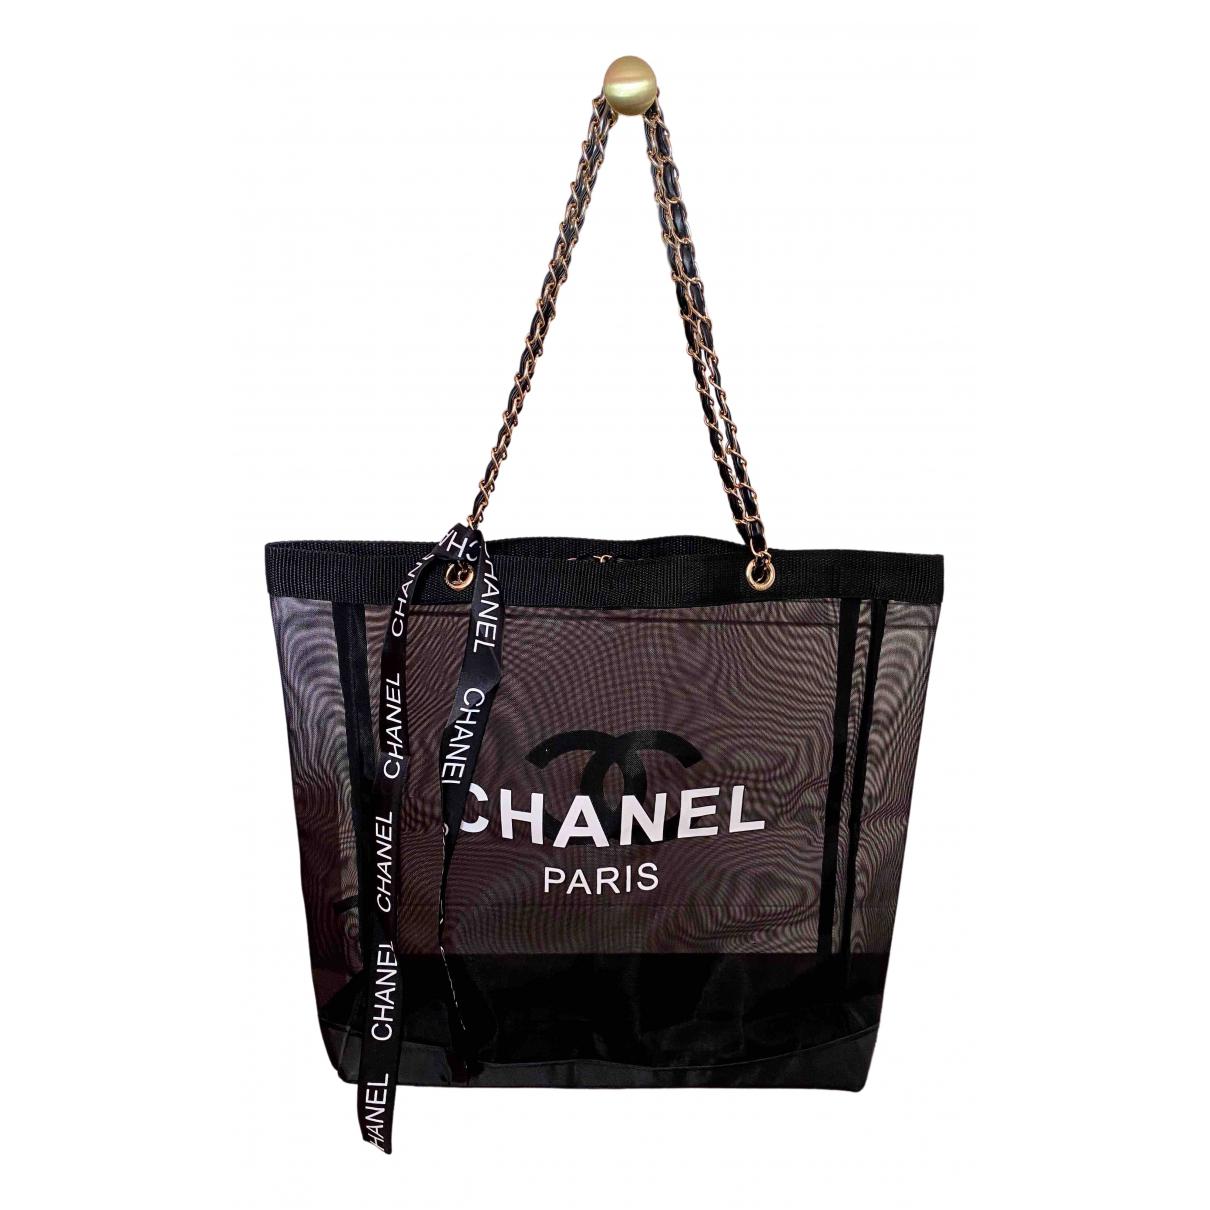 Chanel - Sac a main   pour femme - noir